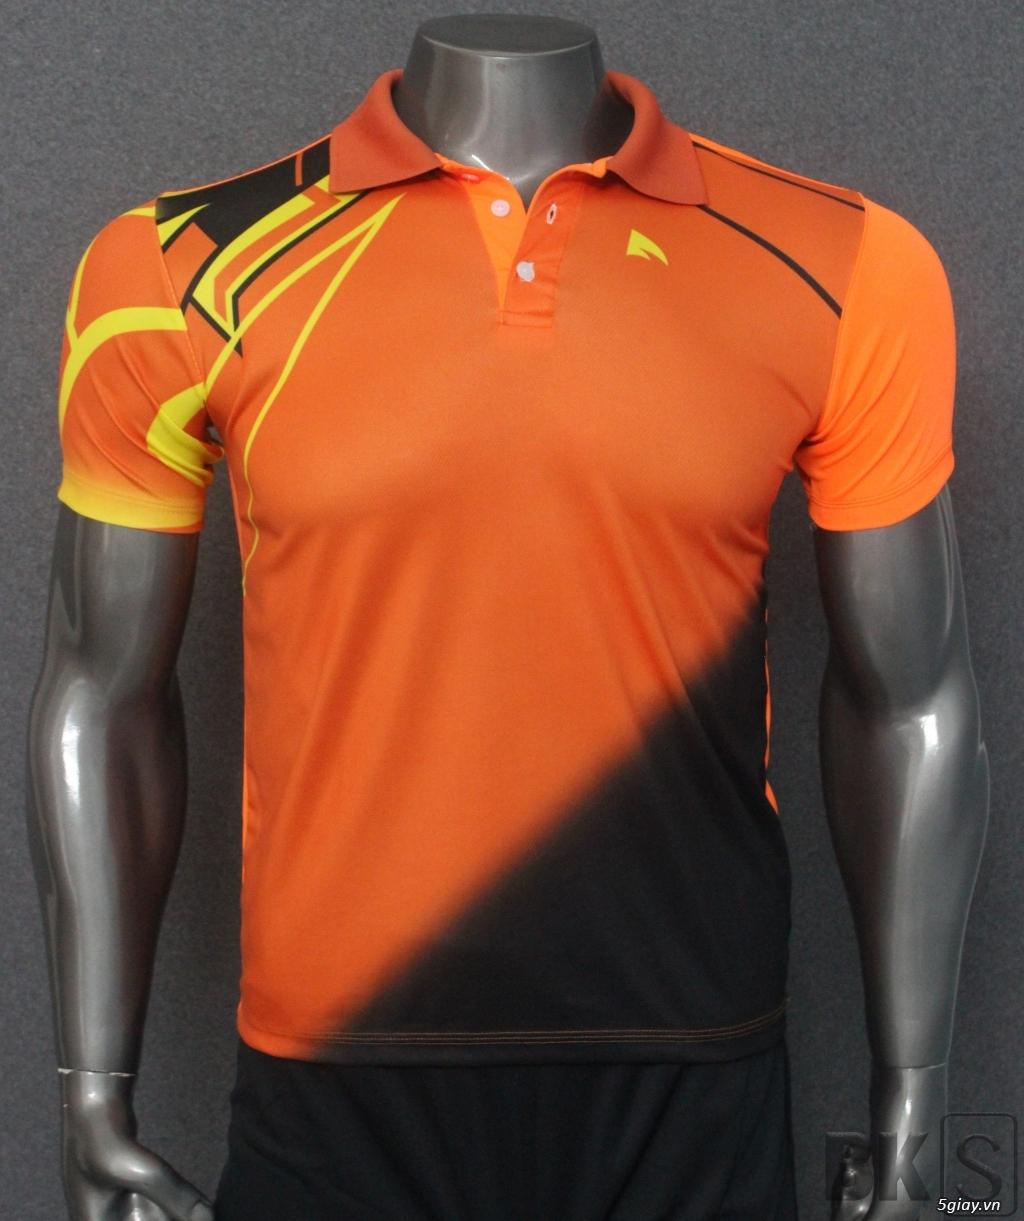 Áo bóng đá HP-địa chỉ gốc sản xuất trang phục thể thao số 1 Việt Nam - 9